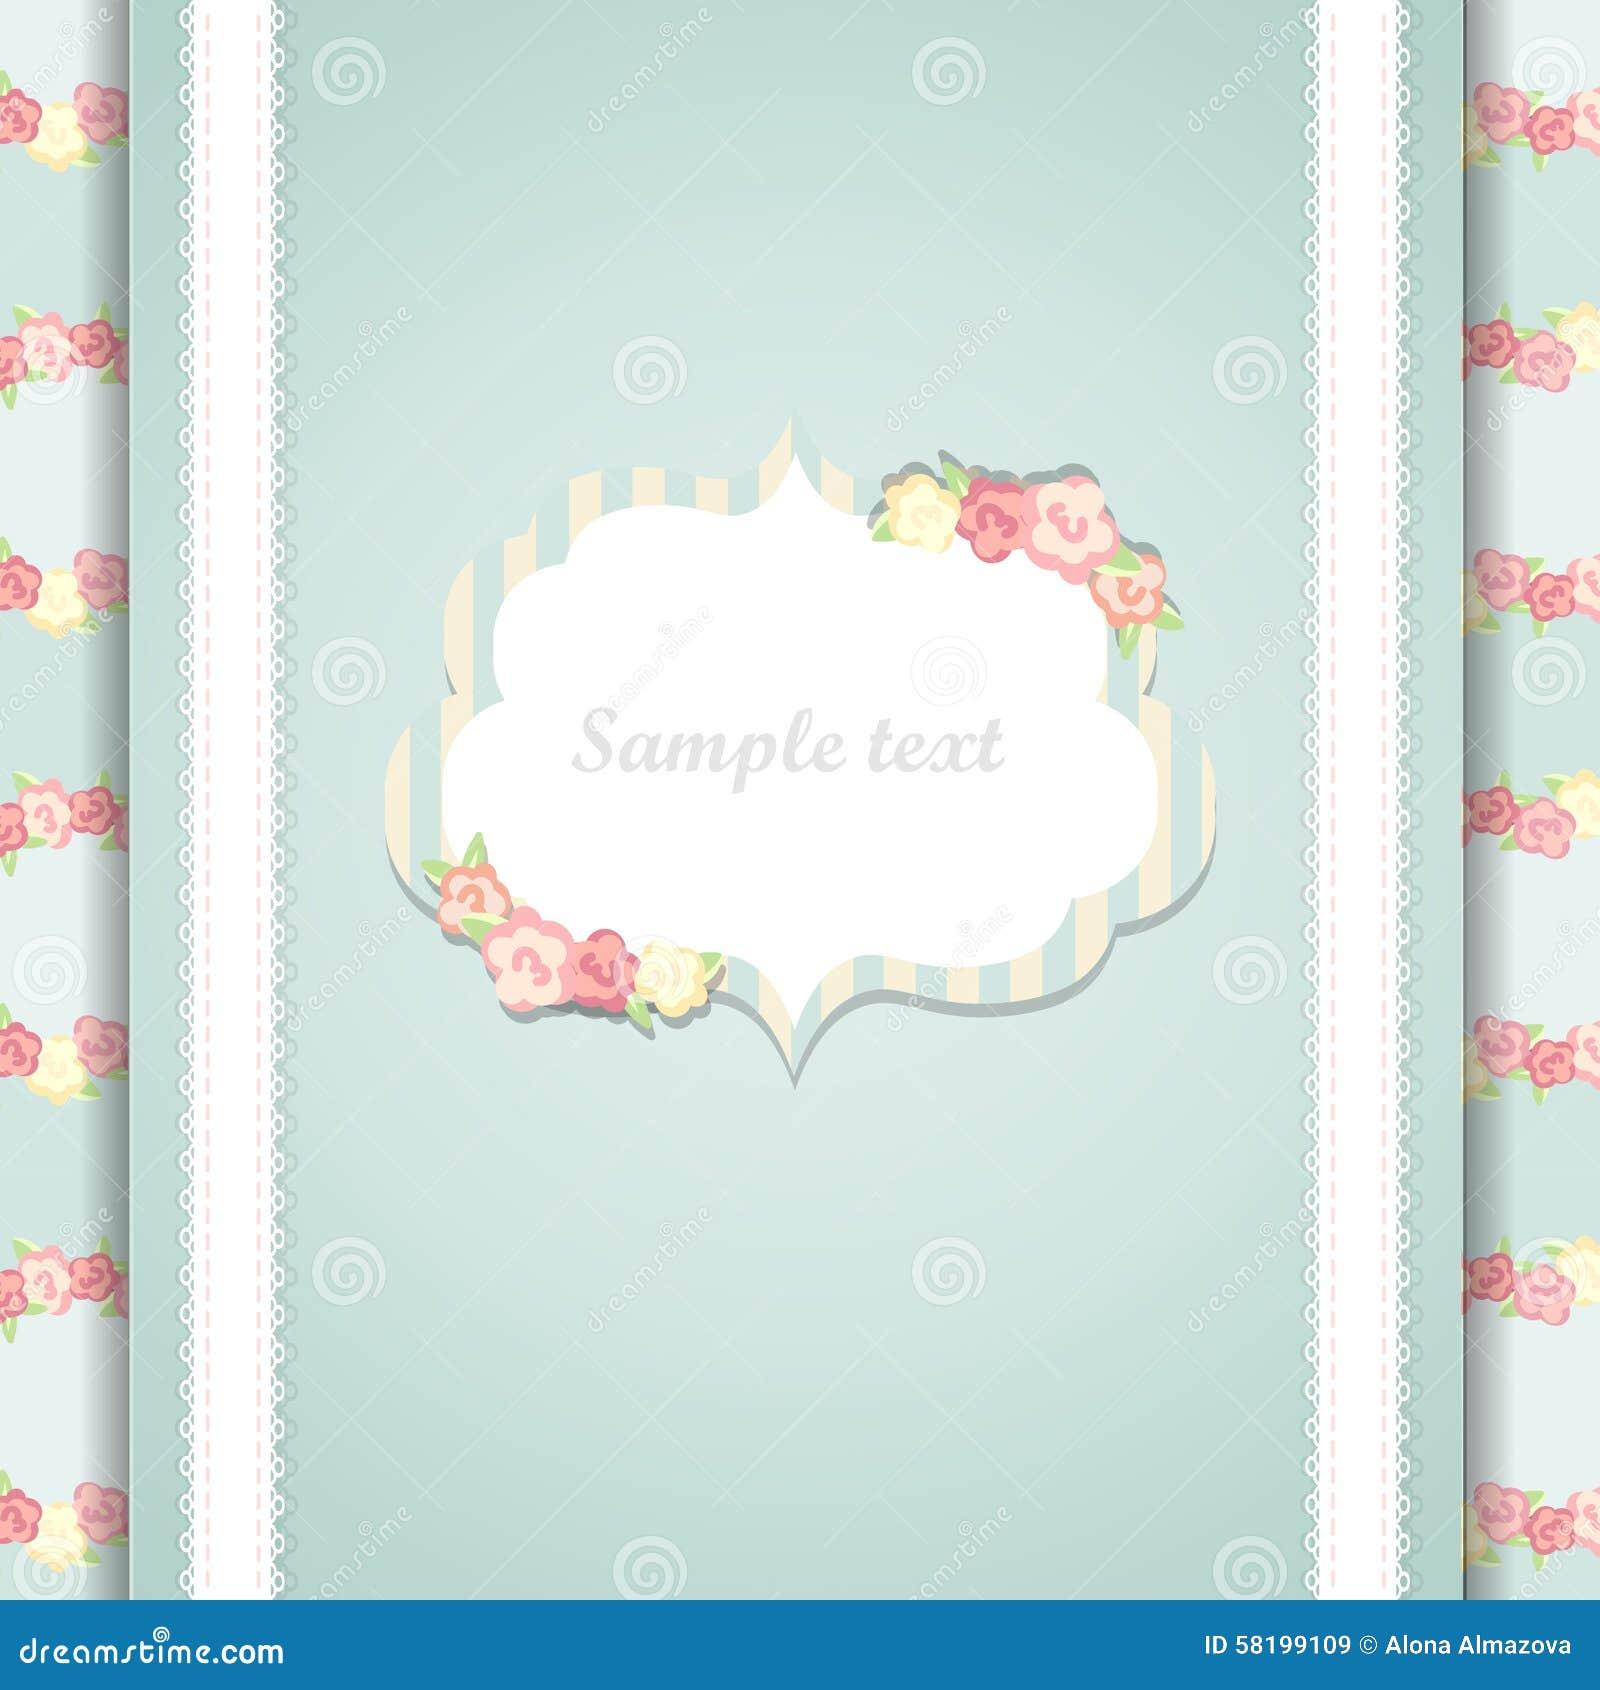 Милая голубая и розовая поздравительая открытка ко дню рождения с днем рождений